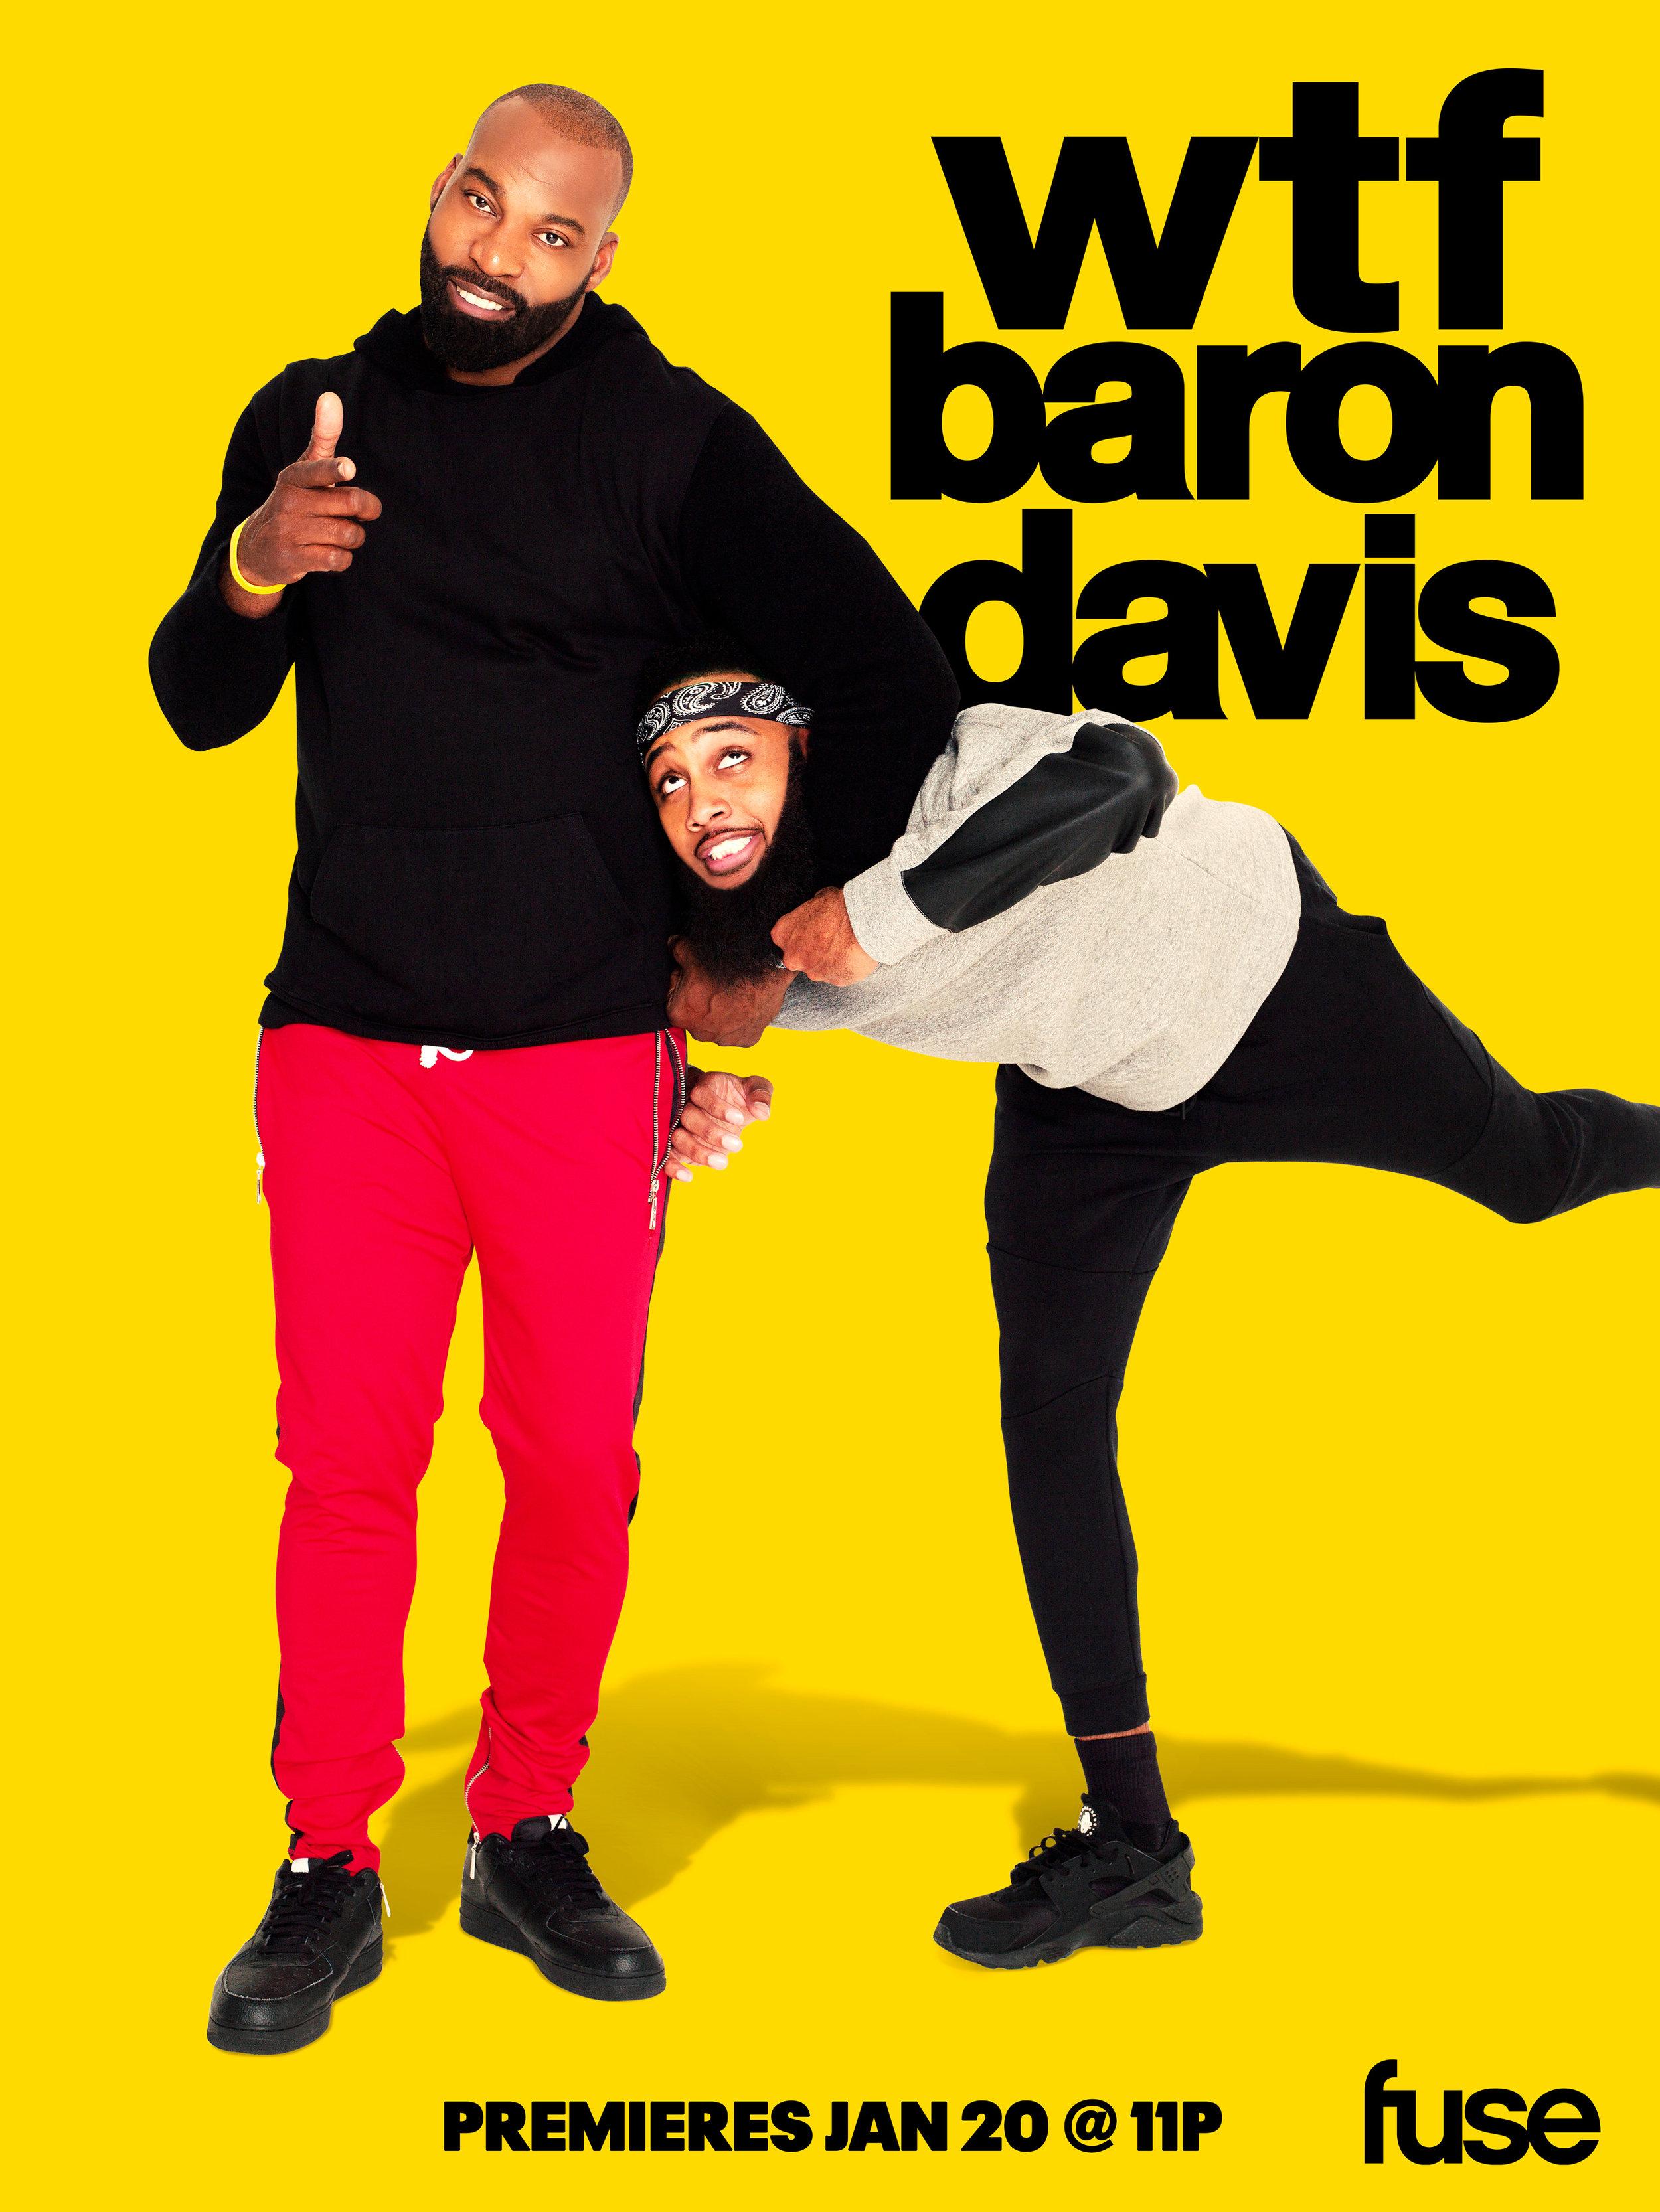 WTF BARON DAVIS SHOW KEY ART